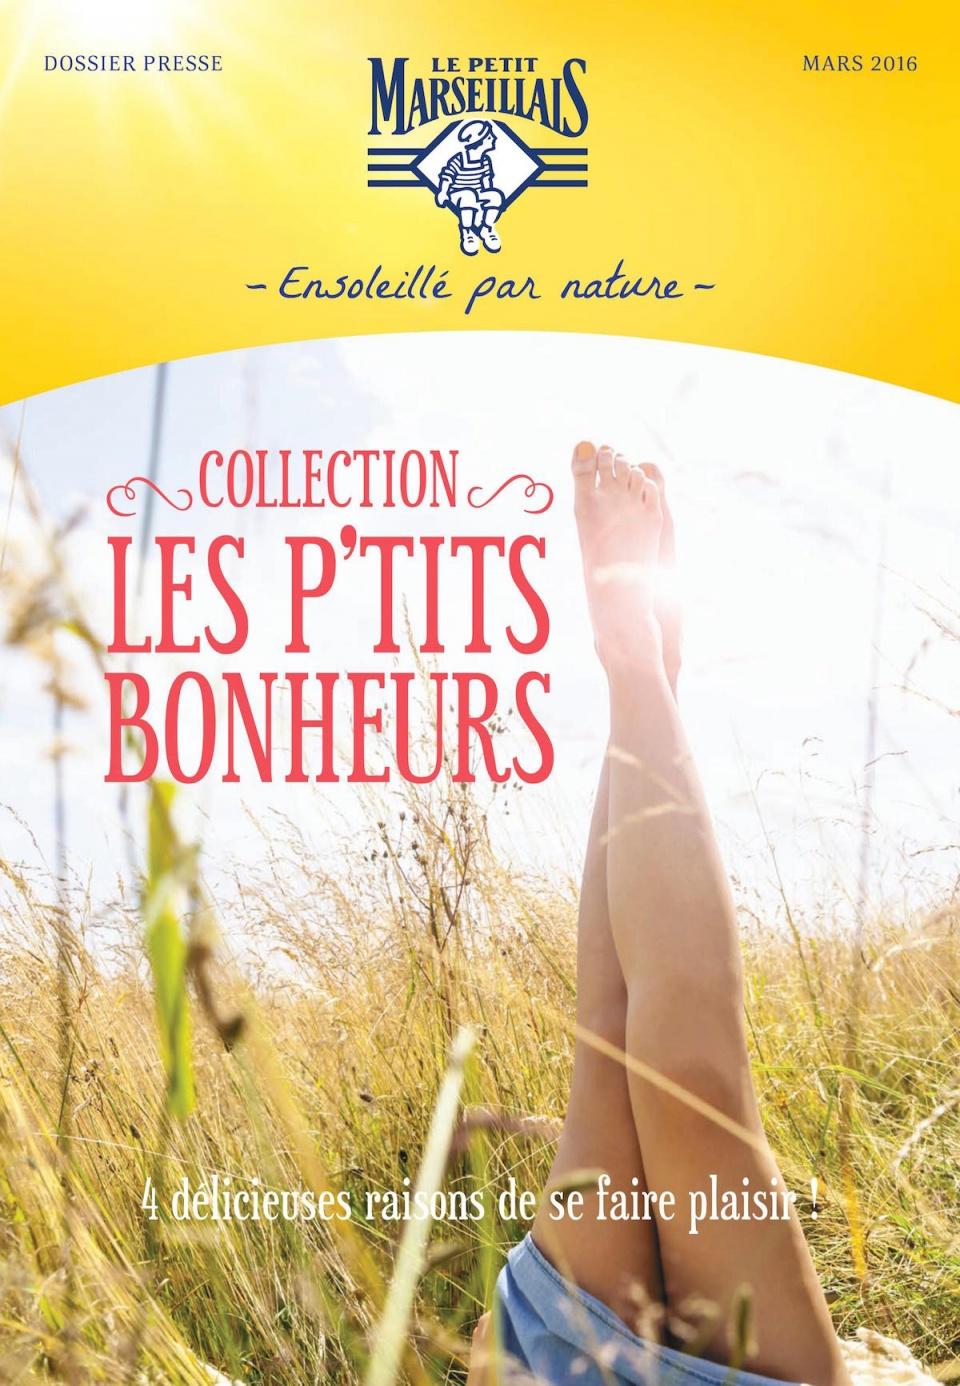 Dossier de presse Le Petit Marseillais